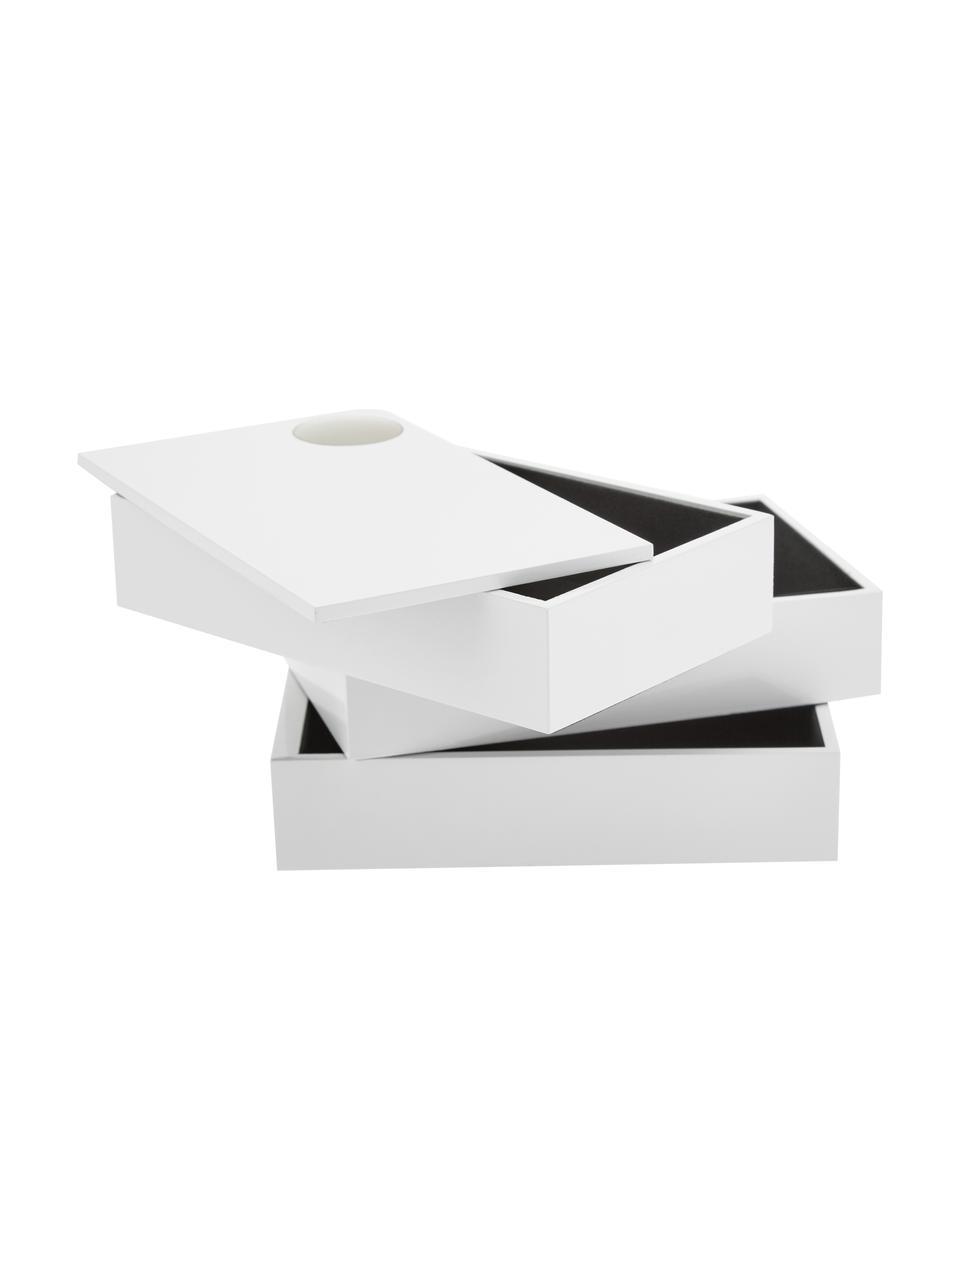 Portagioie Spindle, Legno di faggio, verniciato, Bianco, Larg. 19 x Alt. 13 cm